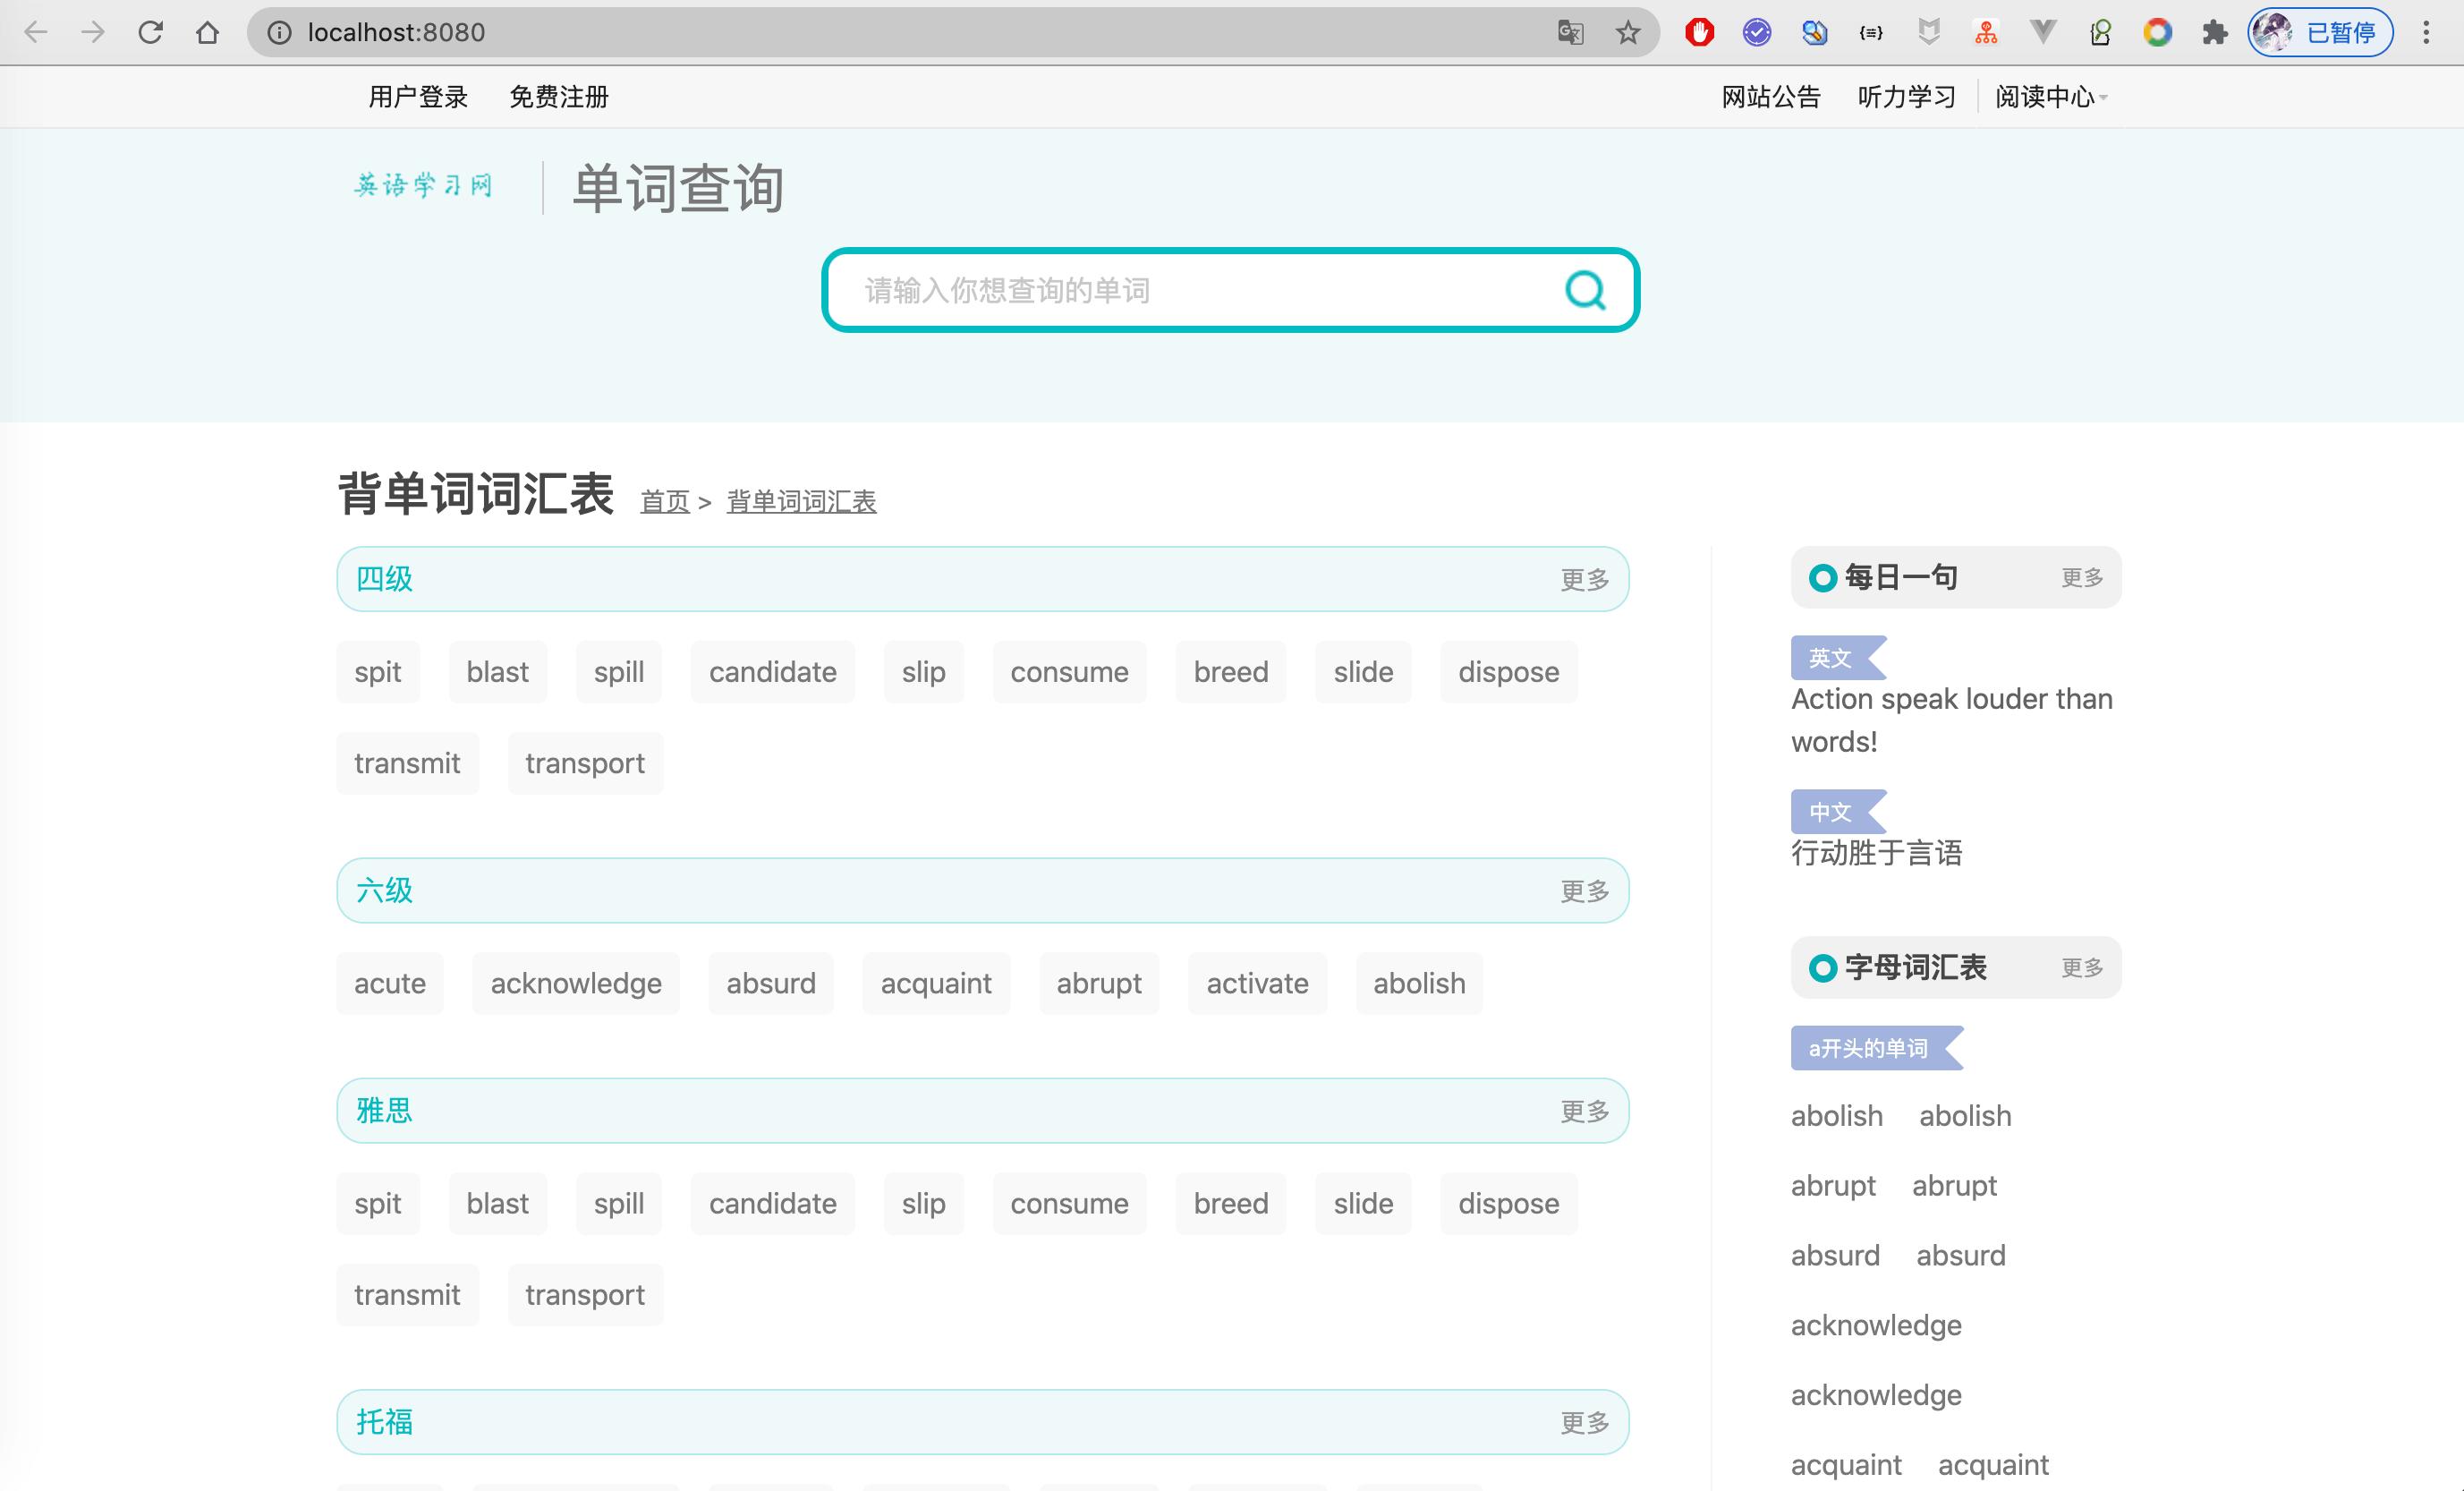 springboot + mybatis 学英语网、背单词网站